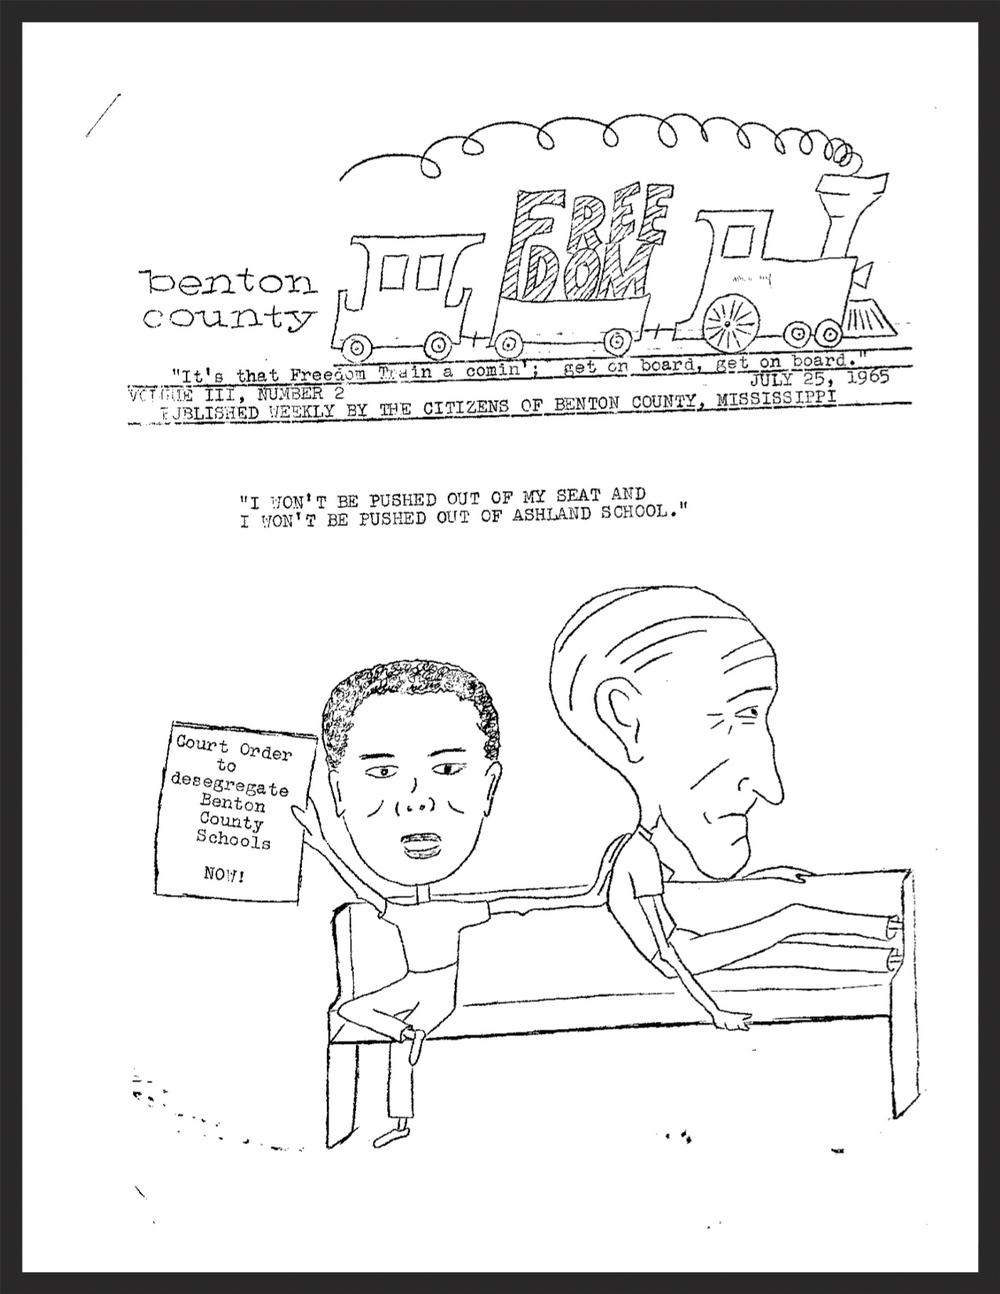 July 25, 1965